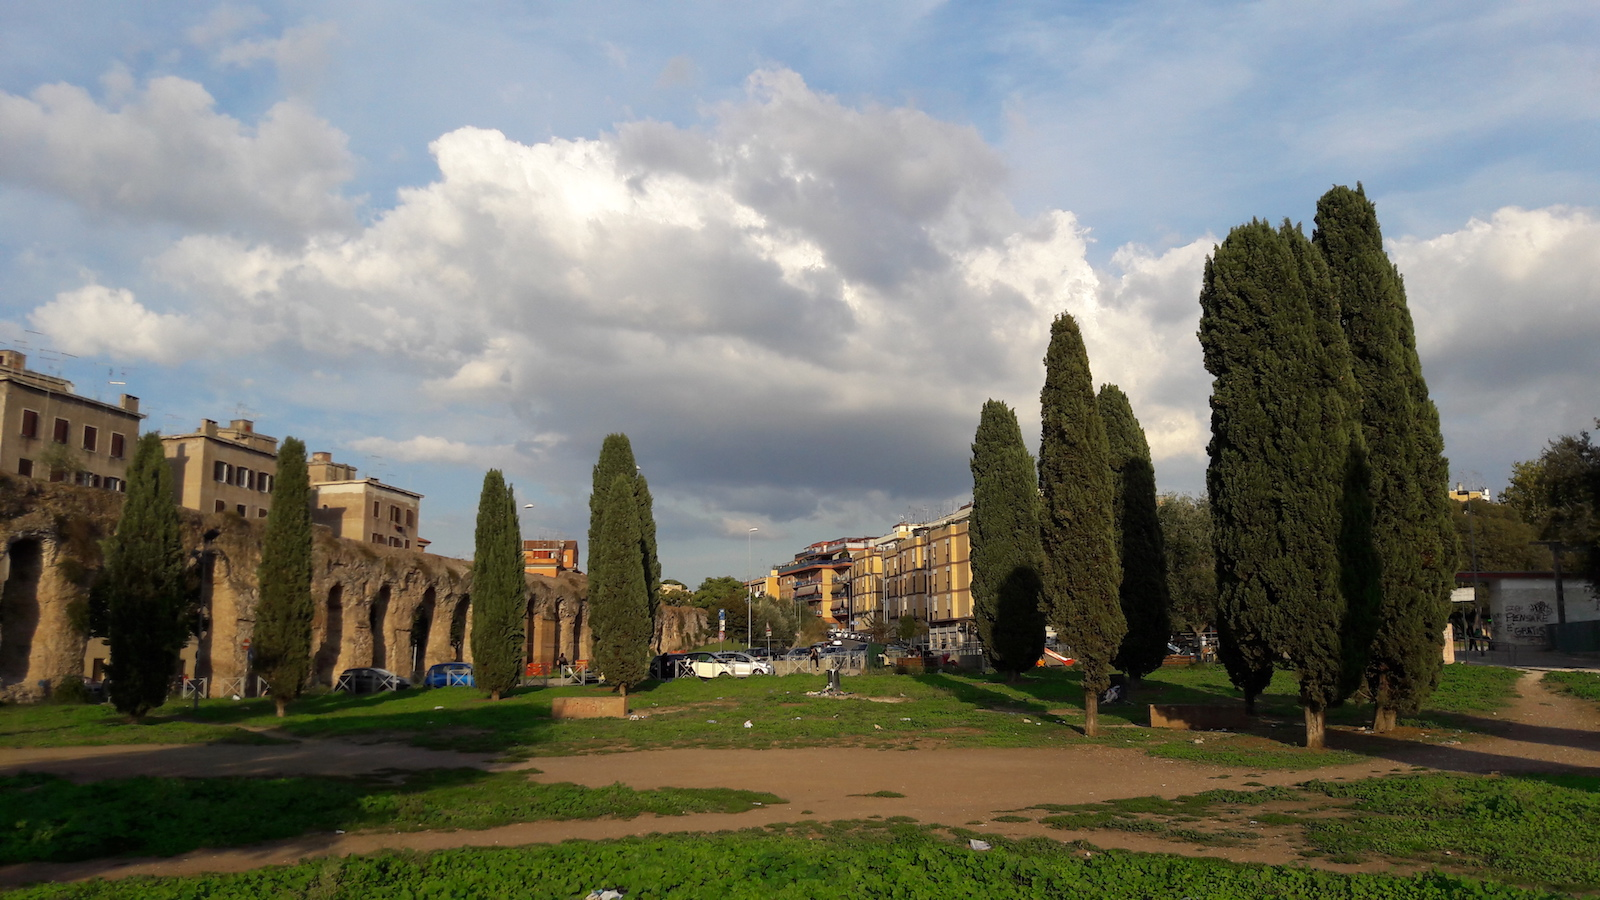 Parco Giordano Sangalli